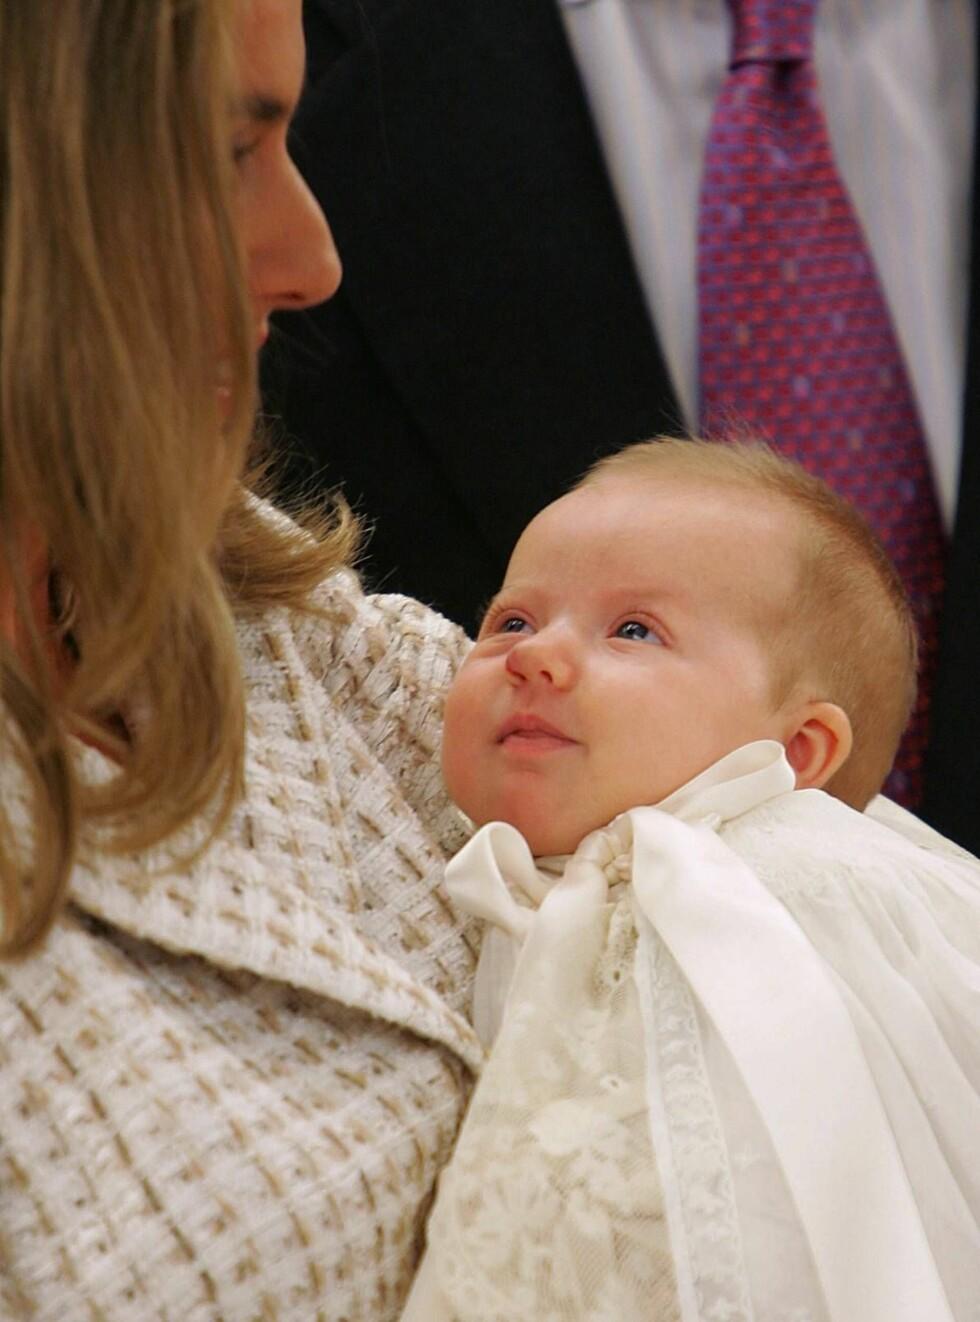 SØT: Med vakker mor og kjekk far blir nok Leonor en nydelig prinsesse! Foto: AP/SCANPIX